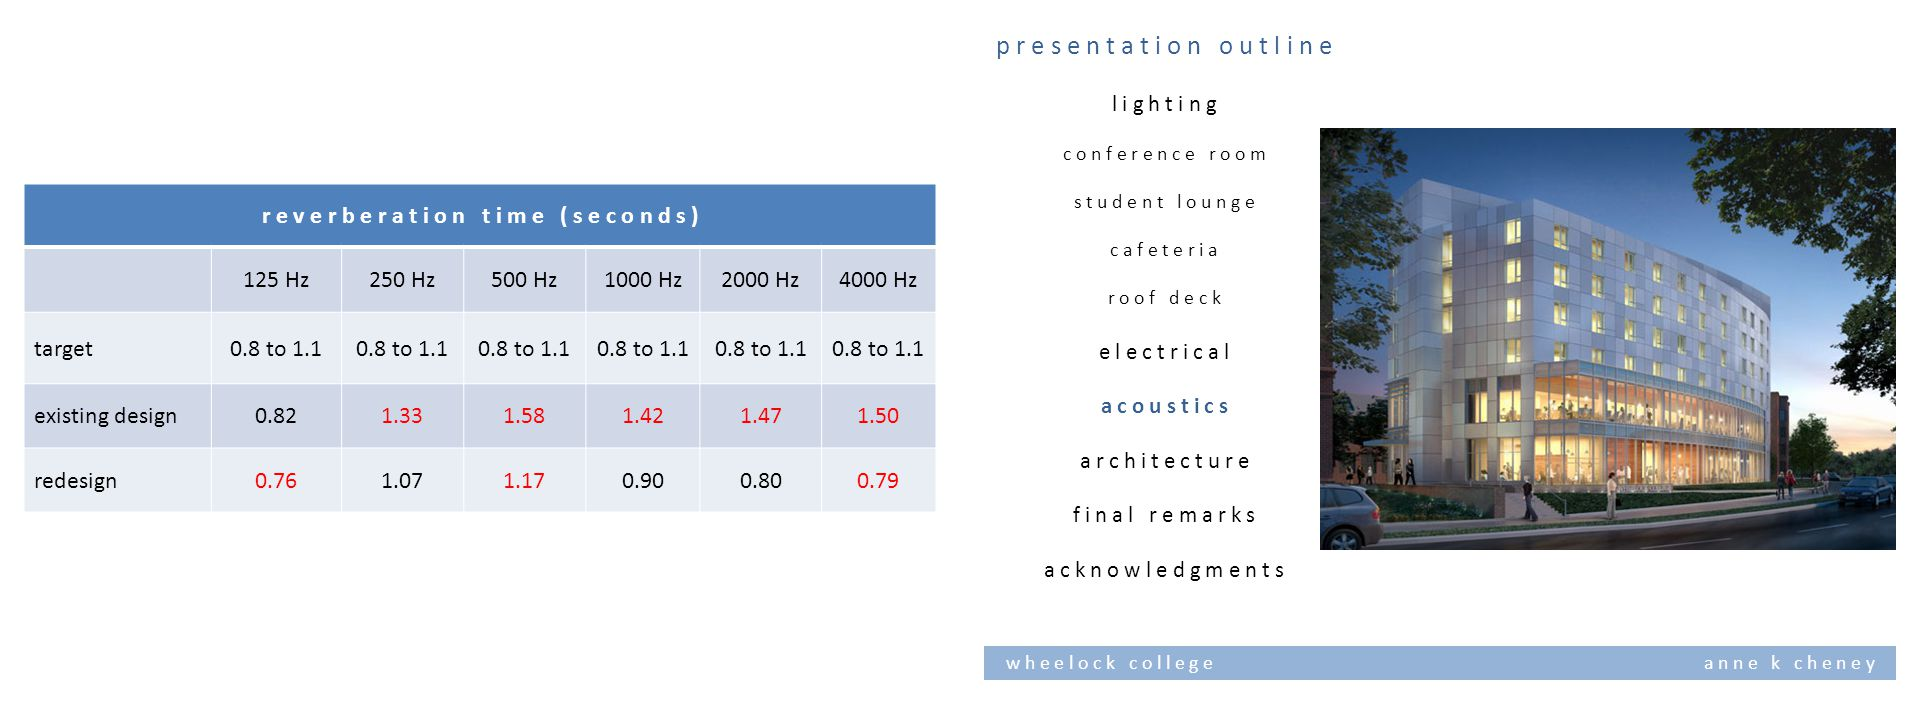 w h e e l o c k c o l l e g e a n n e k c h e n e y r e v e r b e r a t i o n t i m e ( s e c o n d s ) 125 Hz250 Hz500 Hz1000 Hz2000 Hz4000 Hz target